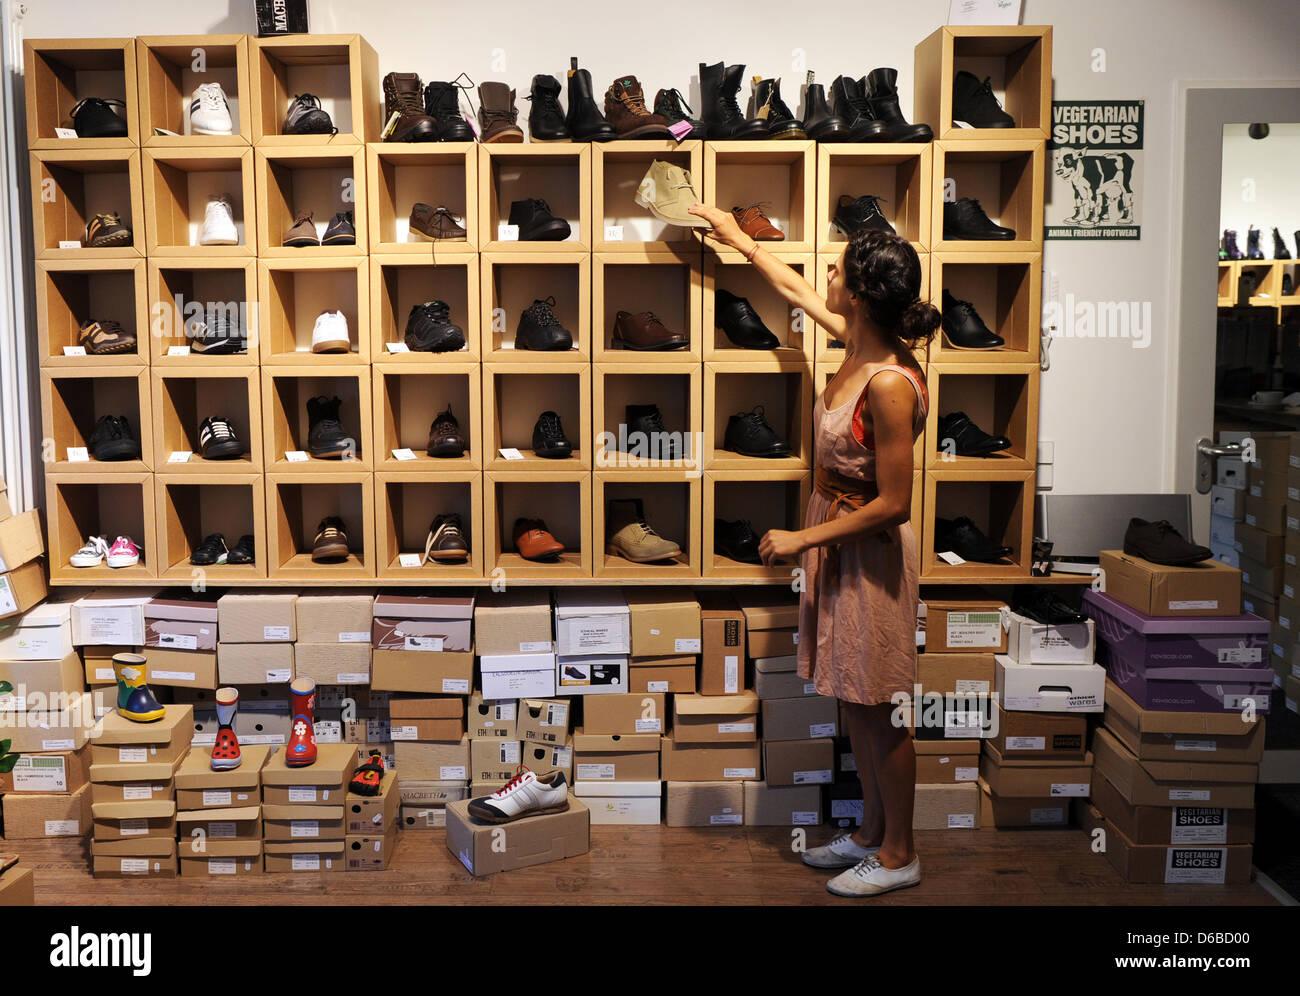 vegan shoe store in Berlin Stock Photo